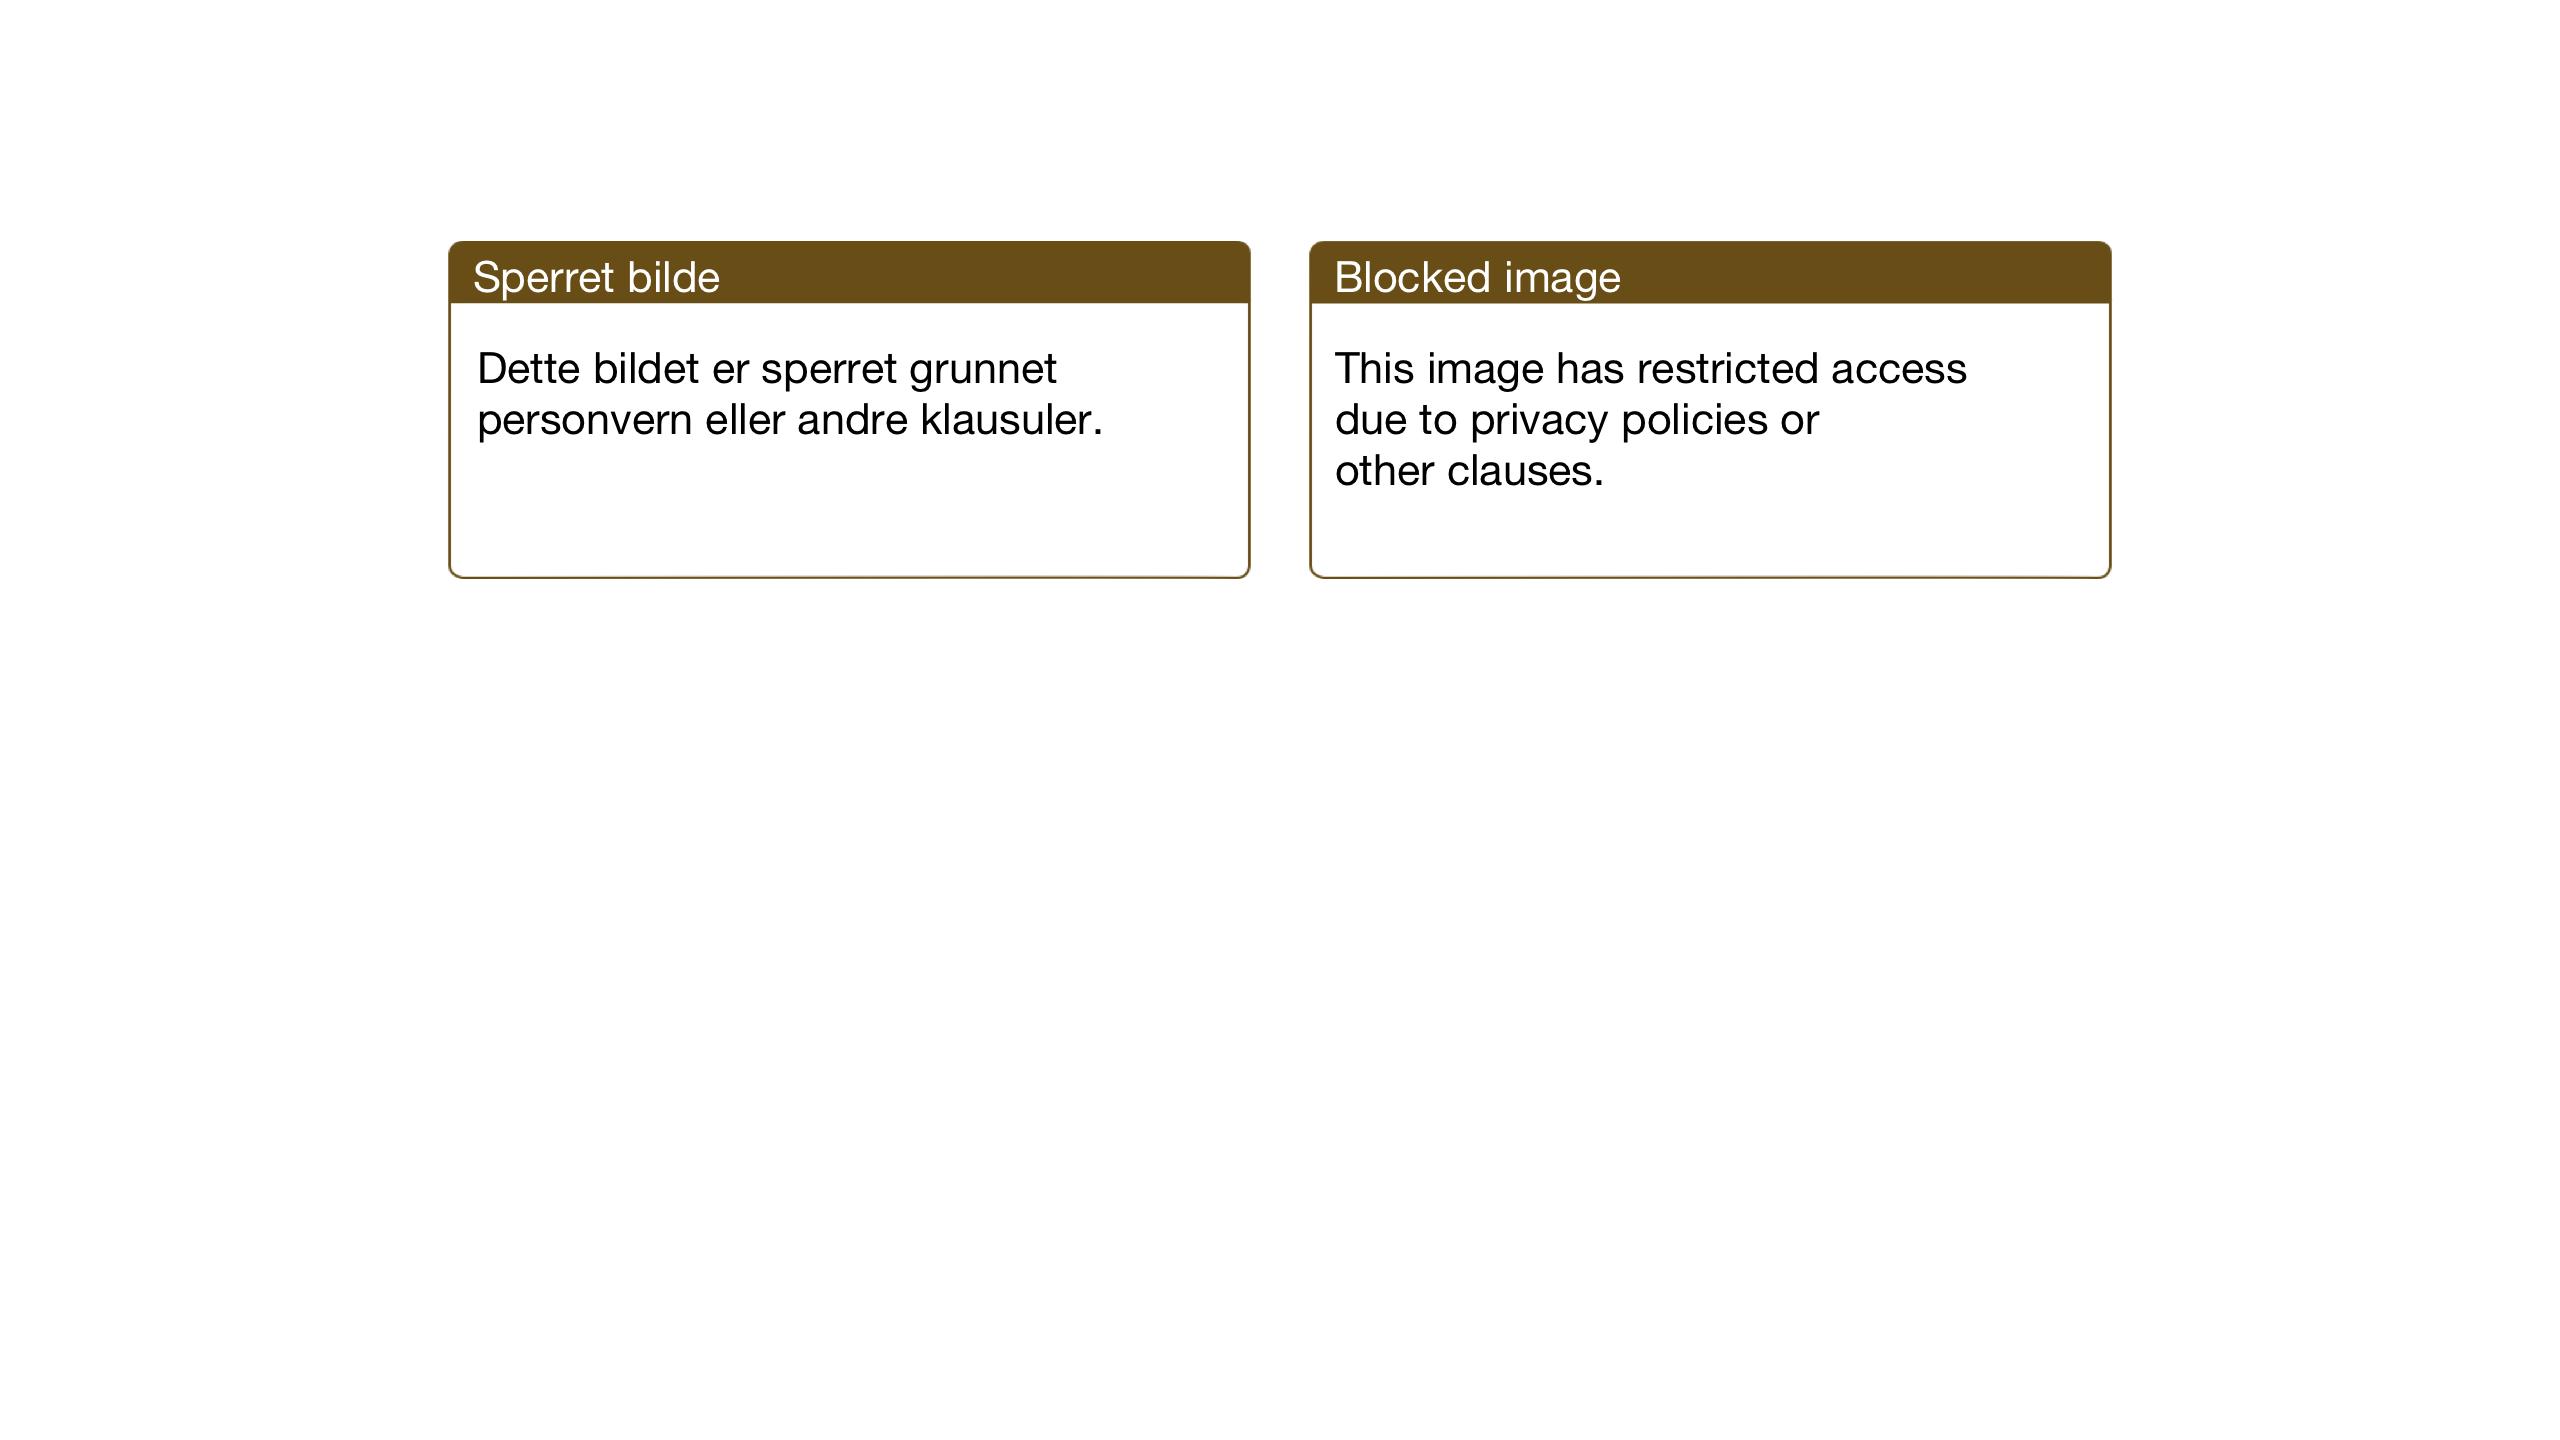 SAT, Ministerialprotokoller, klokkerbøker og fødselsregistre - Sør-Trøndelag, 670/L0837: Klokkerbok nr. 670C01, 1905-1946, s. 350-351